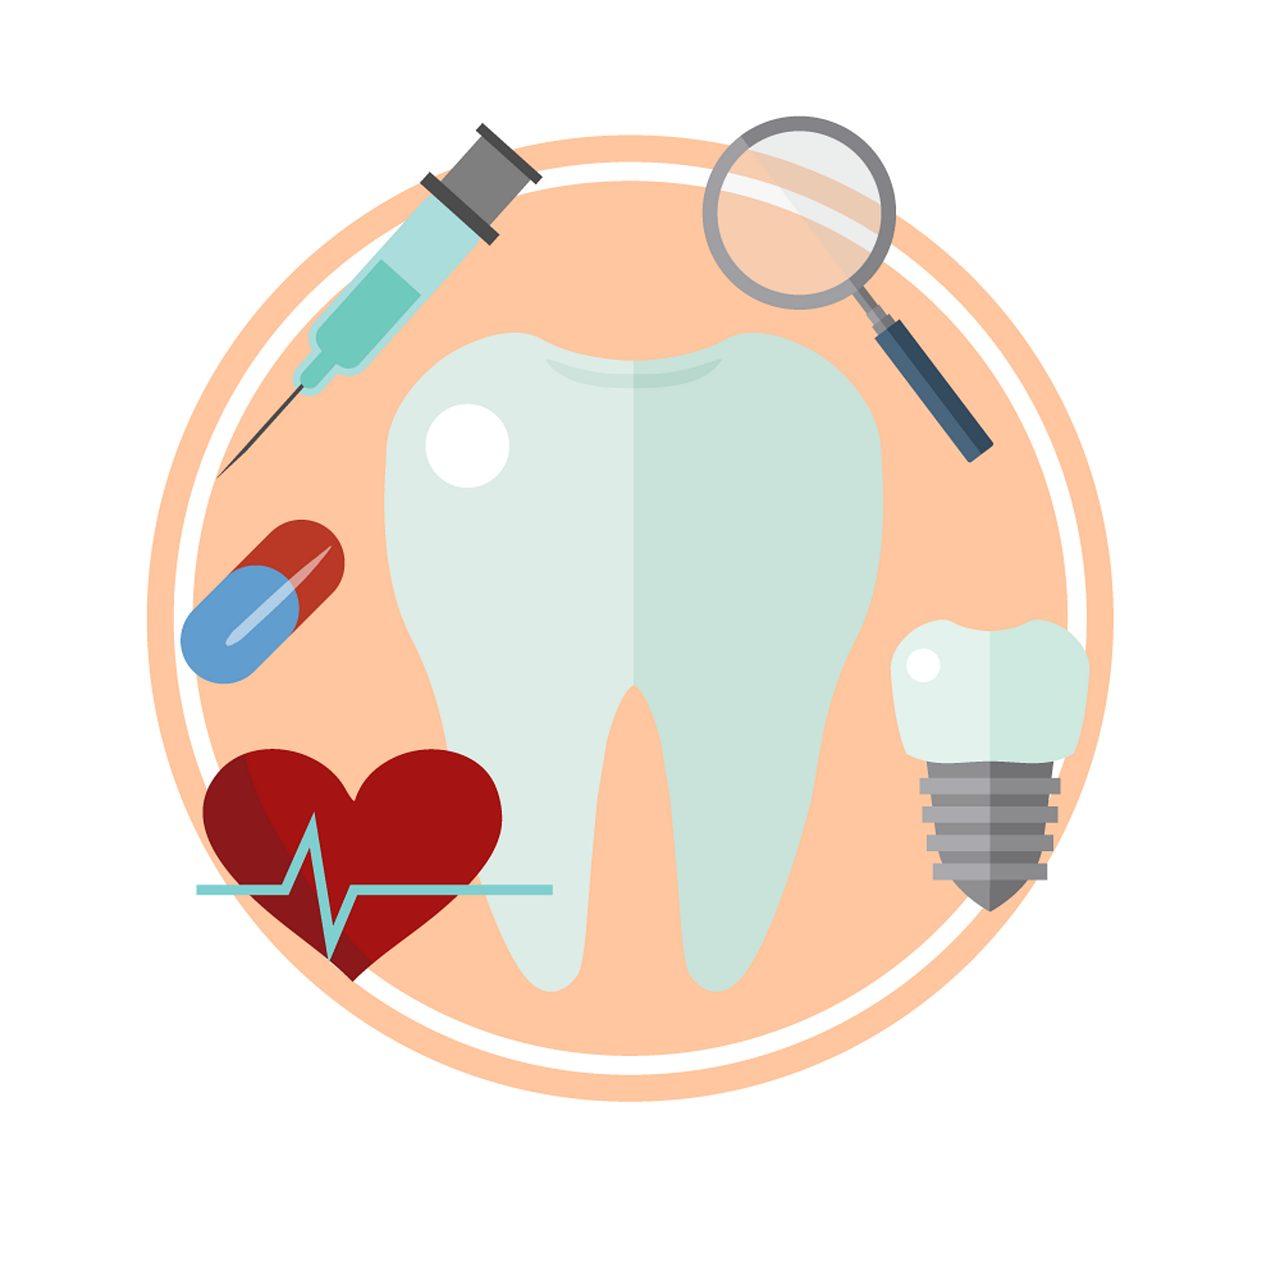 Tandarts De tandarts weekend